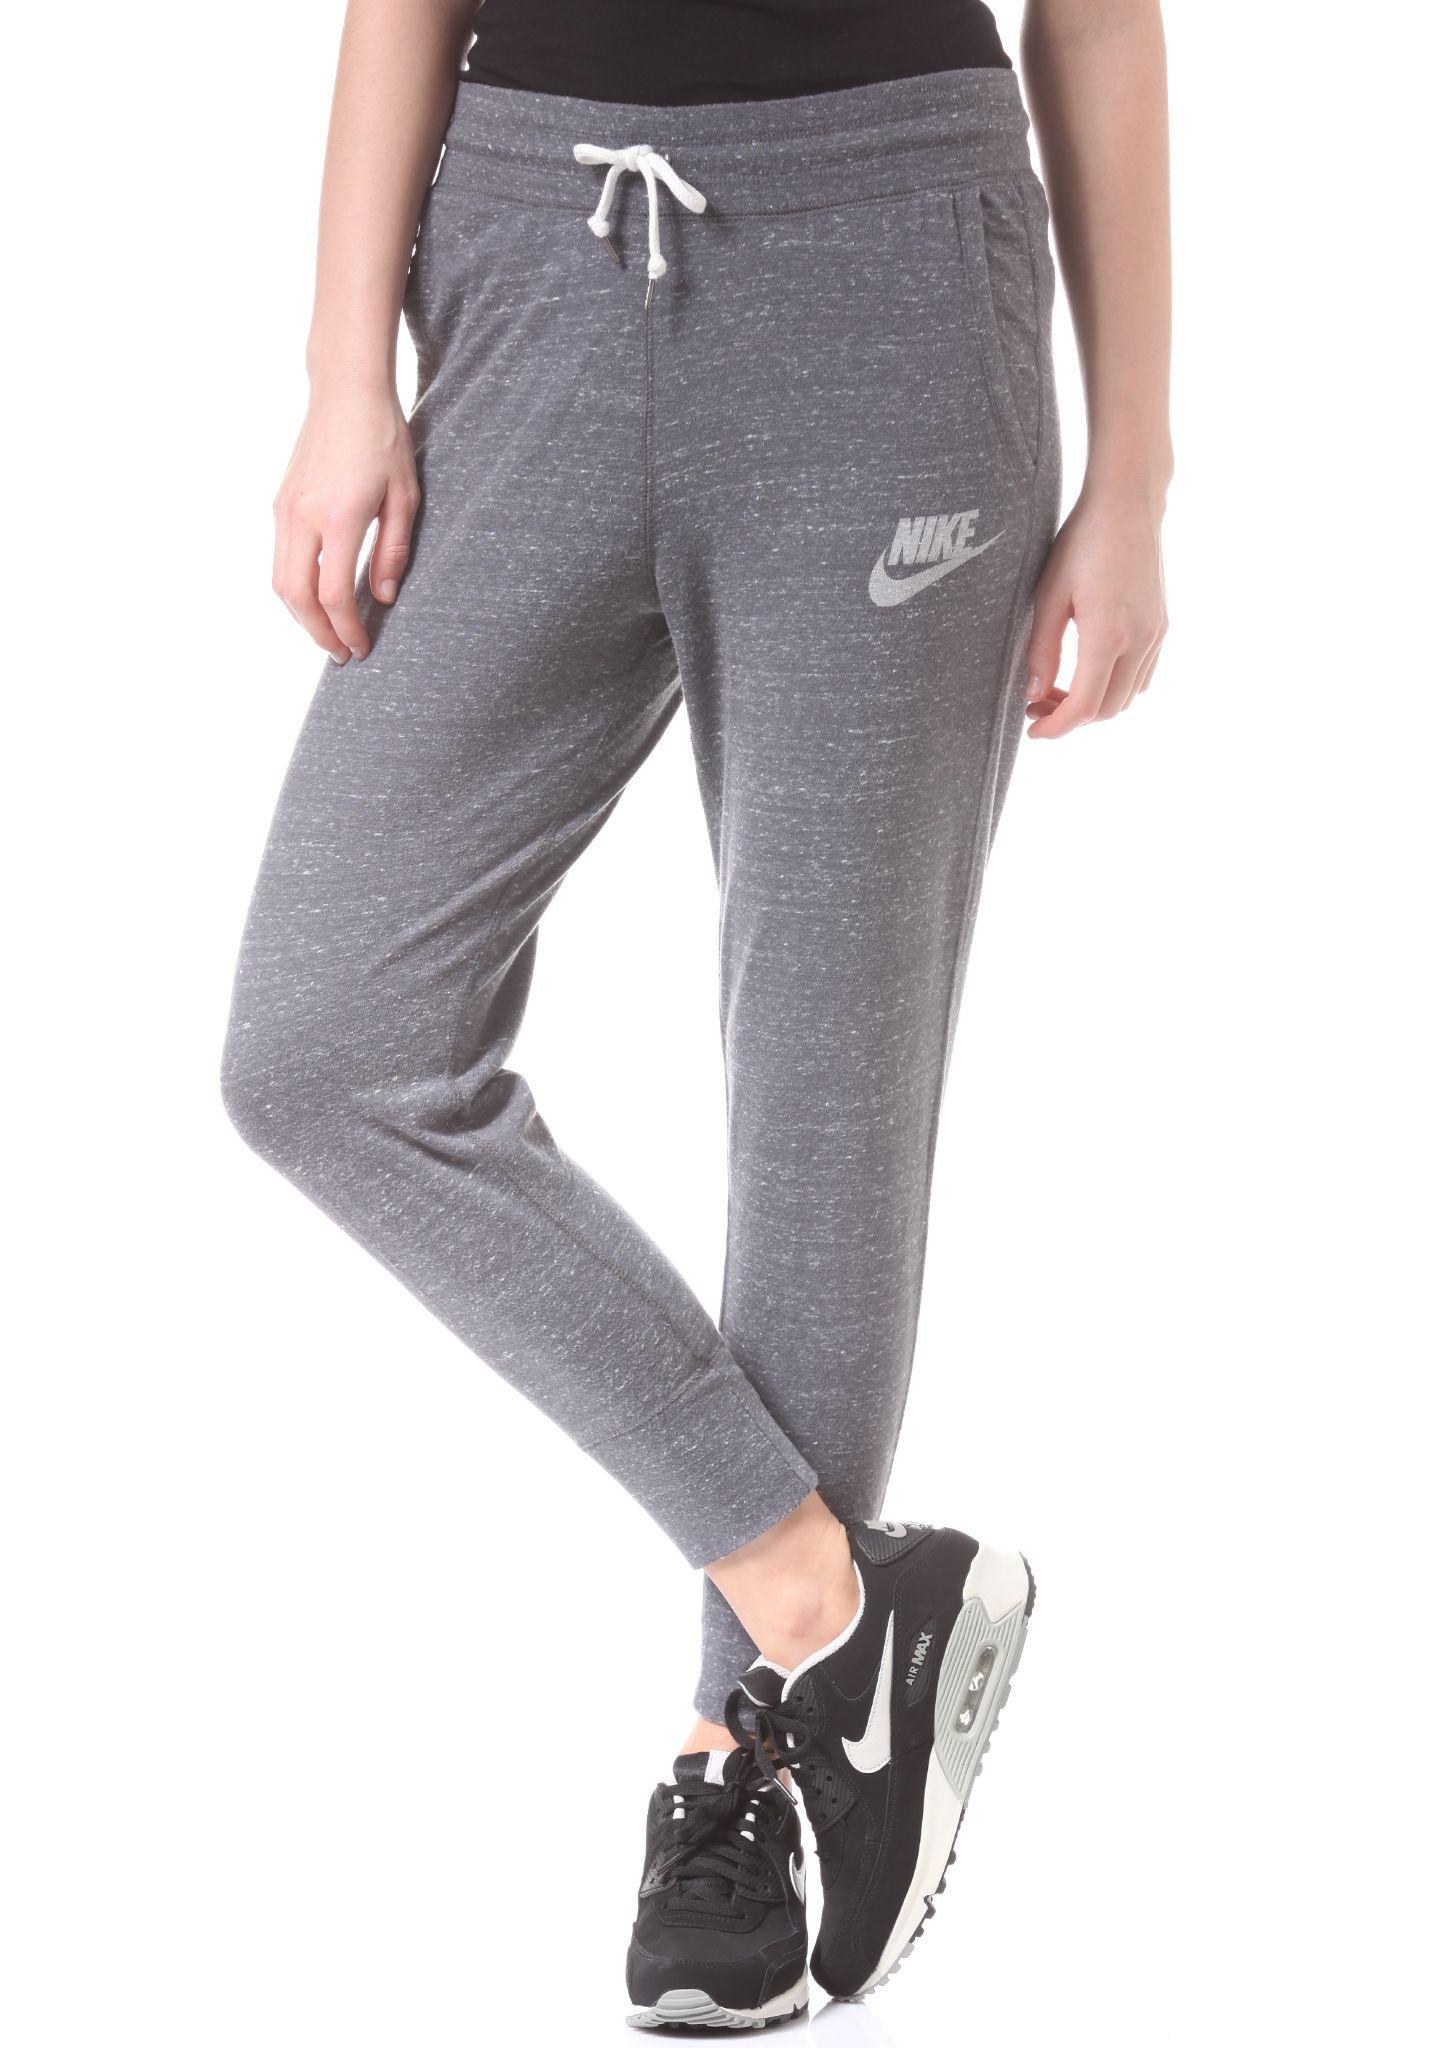 Veste de survêtement bicolore imperméable à capuche Nike blanc gris femme  62289849. Agrandir l u0027image ensemble jogging nike pour femme nike  survetements ... 45effb6076e3